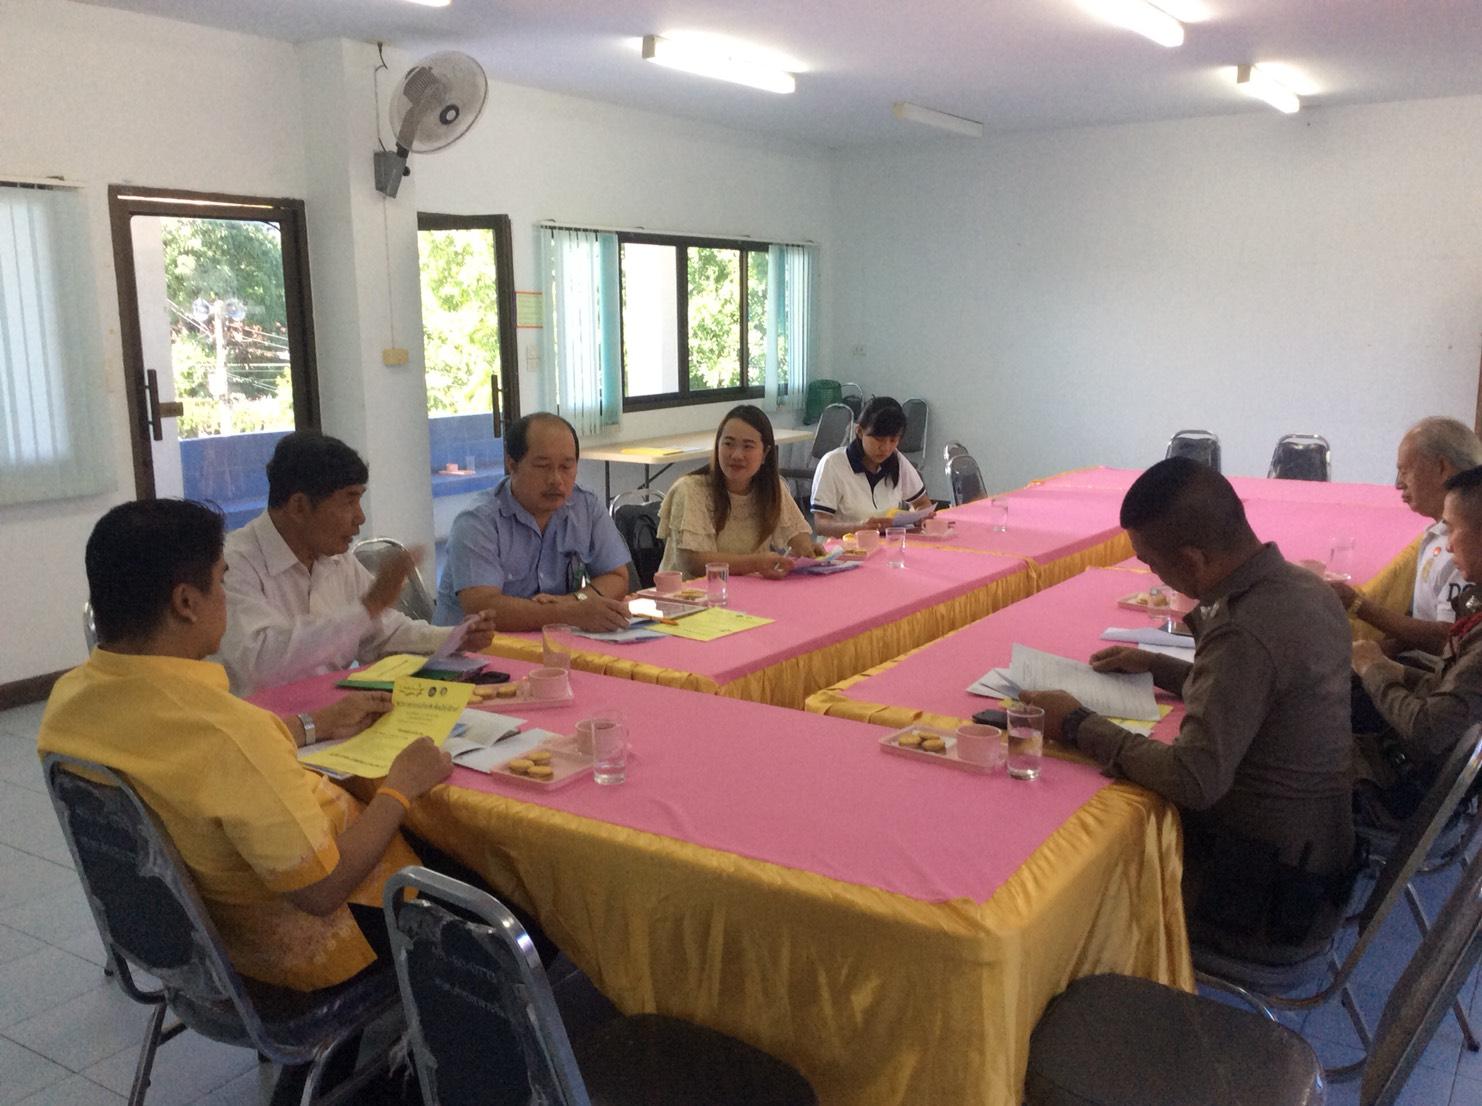 ร่วมโครงการศูนย์บูรณาการร่วมในการป้องกันและแก้ไขฟื้นฟูผู้กระทำผิดในชุมชน